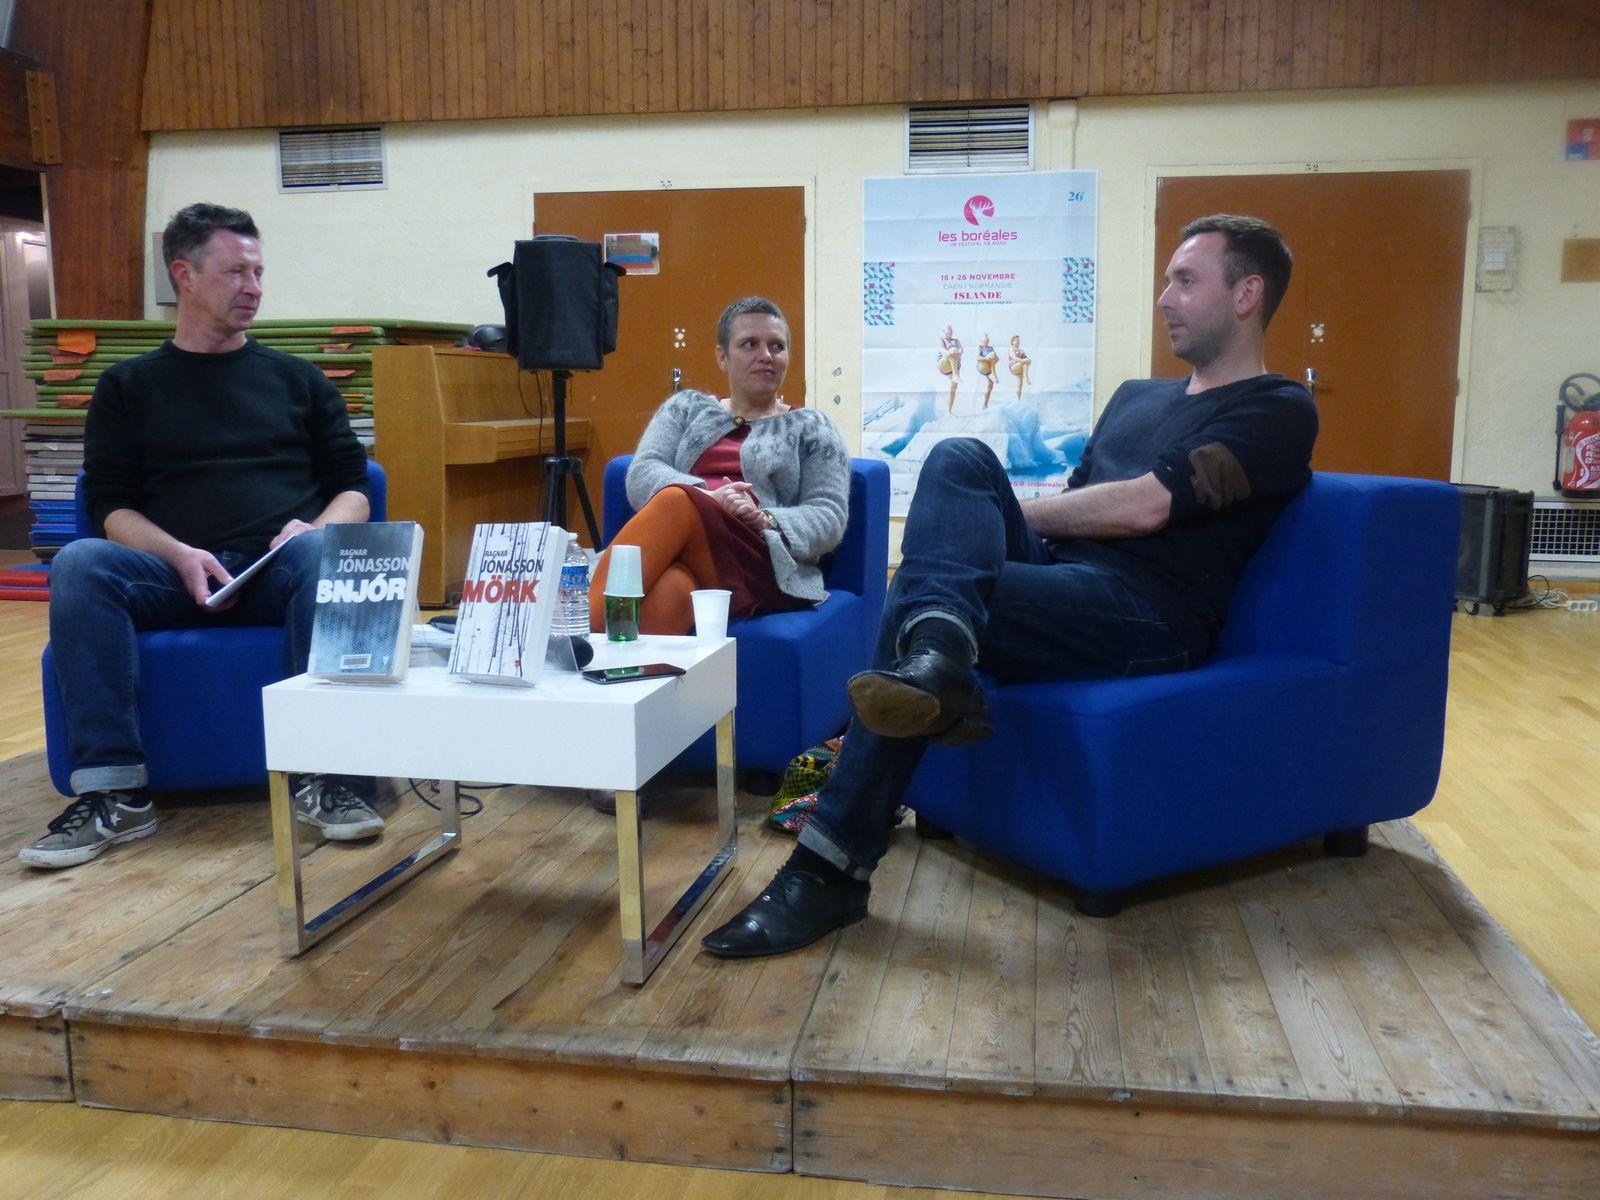 Rencontre avec Ragnar Jónasson à Fleury sur Orne